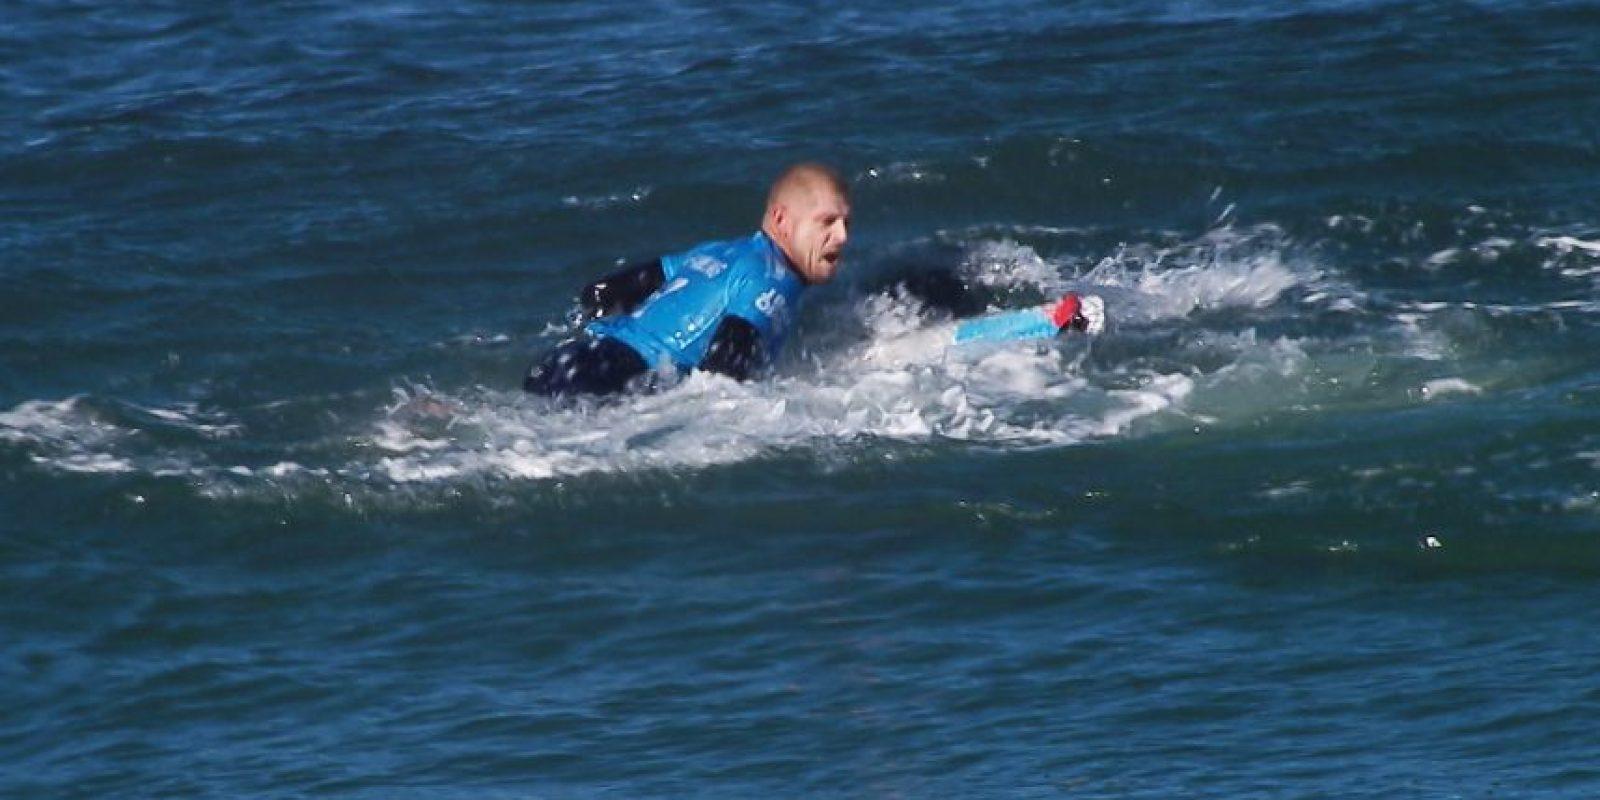 El deportista pateó al tiburón y logró zafarse. Foto:AFP